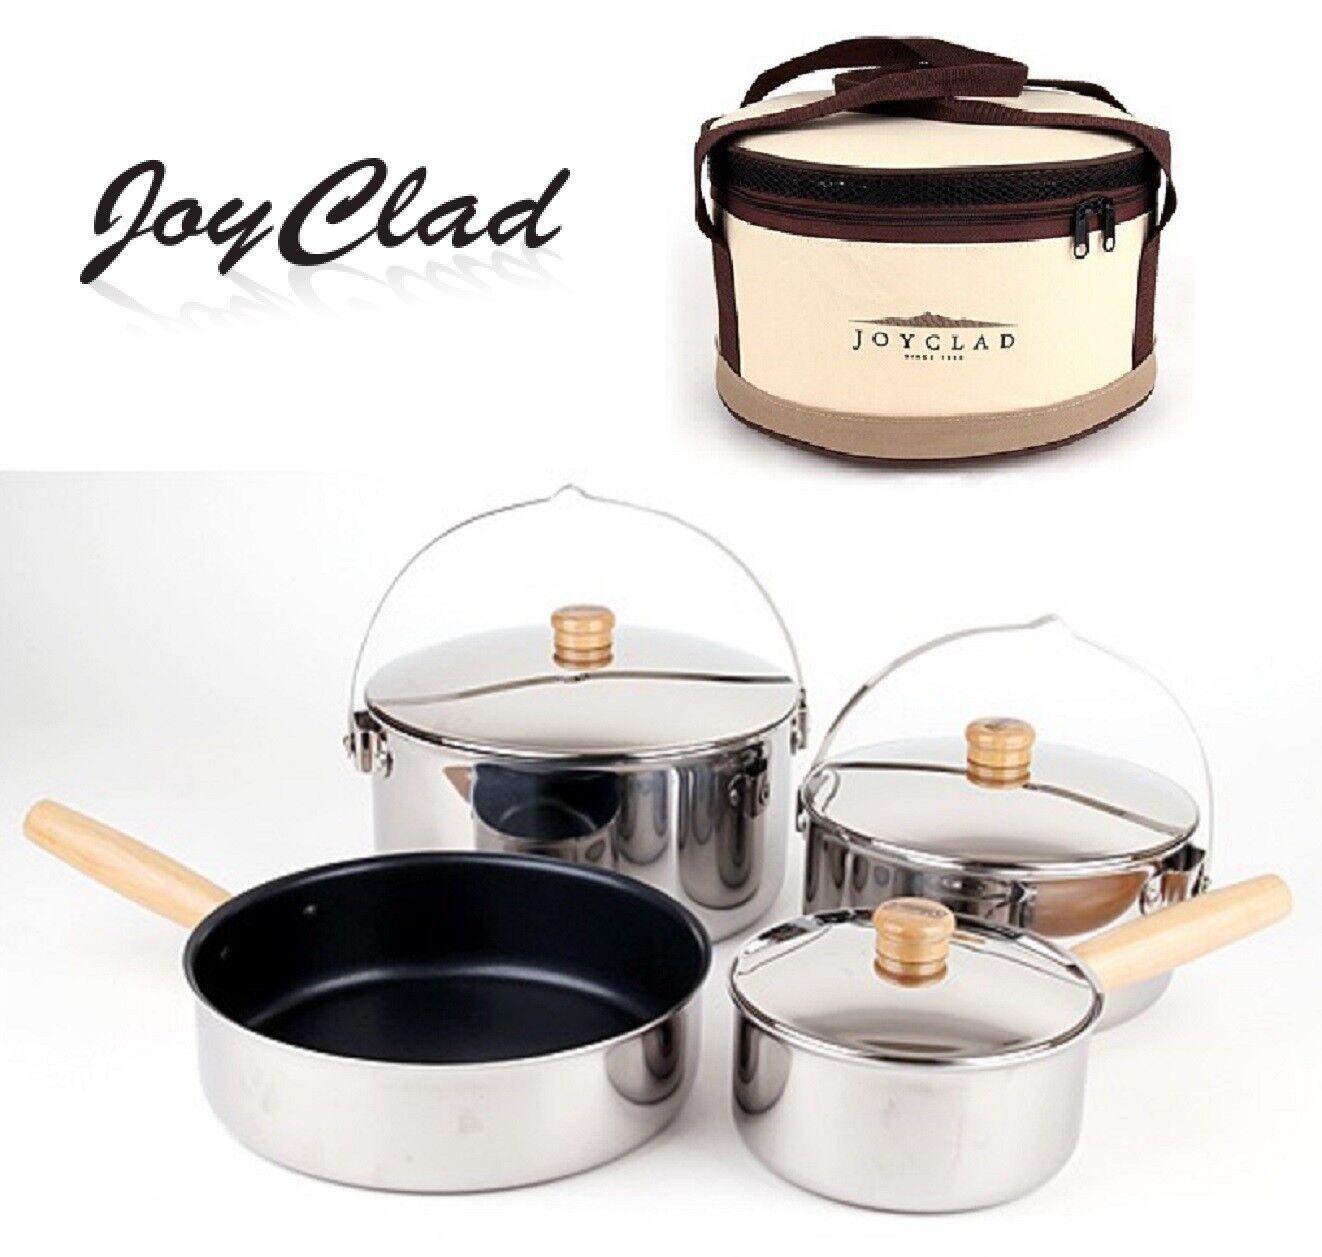 Joyclad Basecamp Camping Utensilios de cocina de acero inoxidable de Kocher Set inofensivos al aire libre